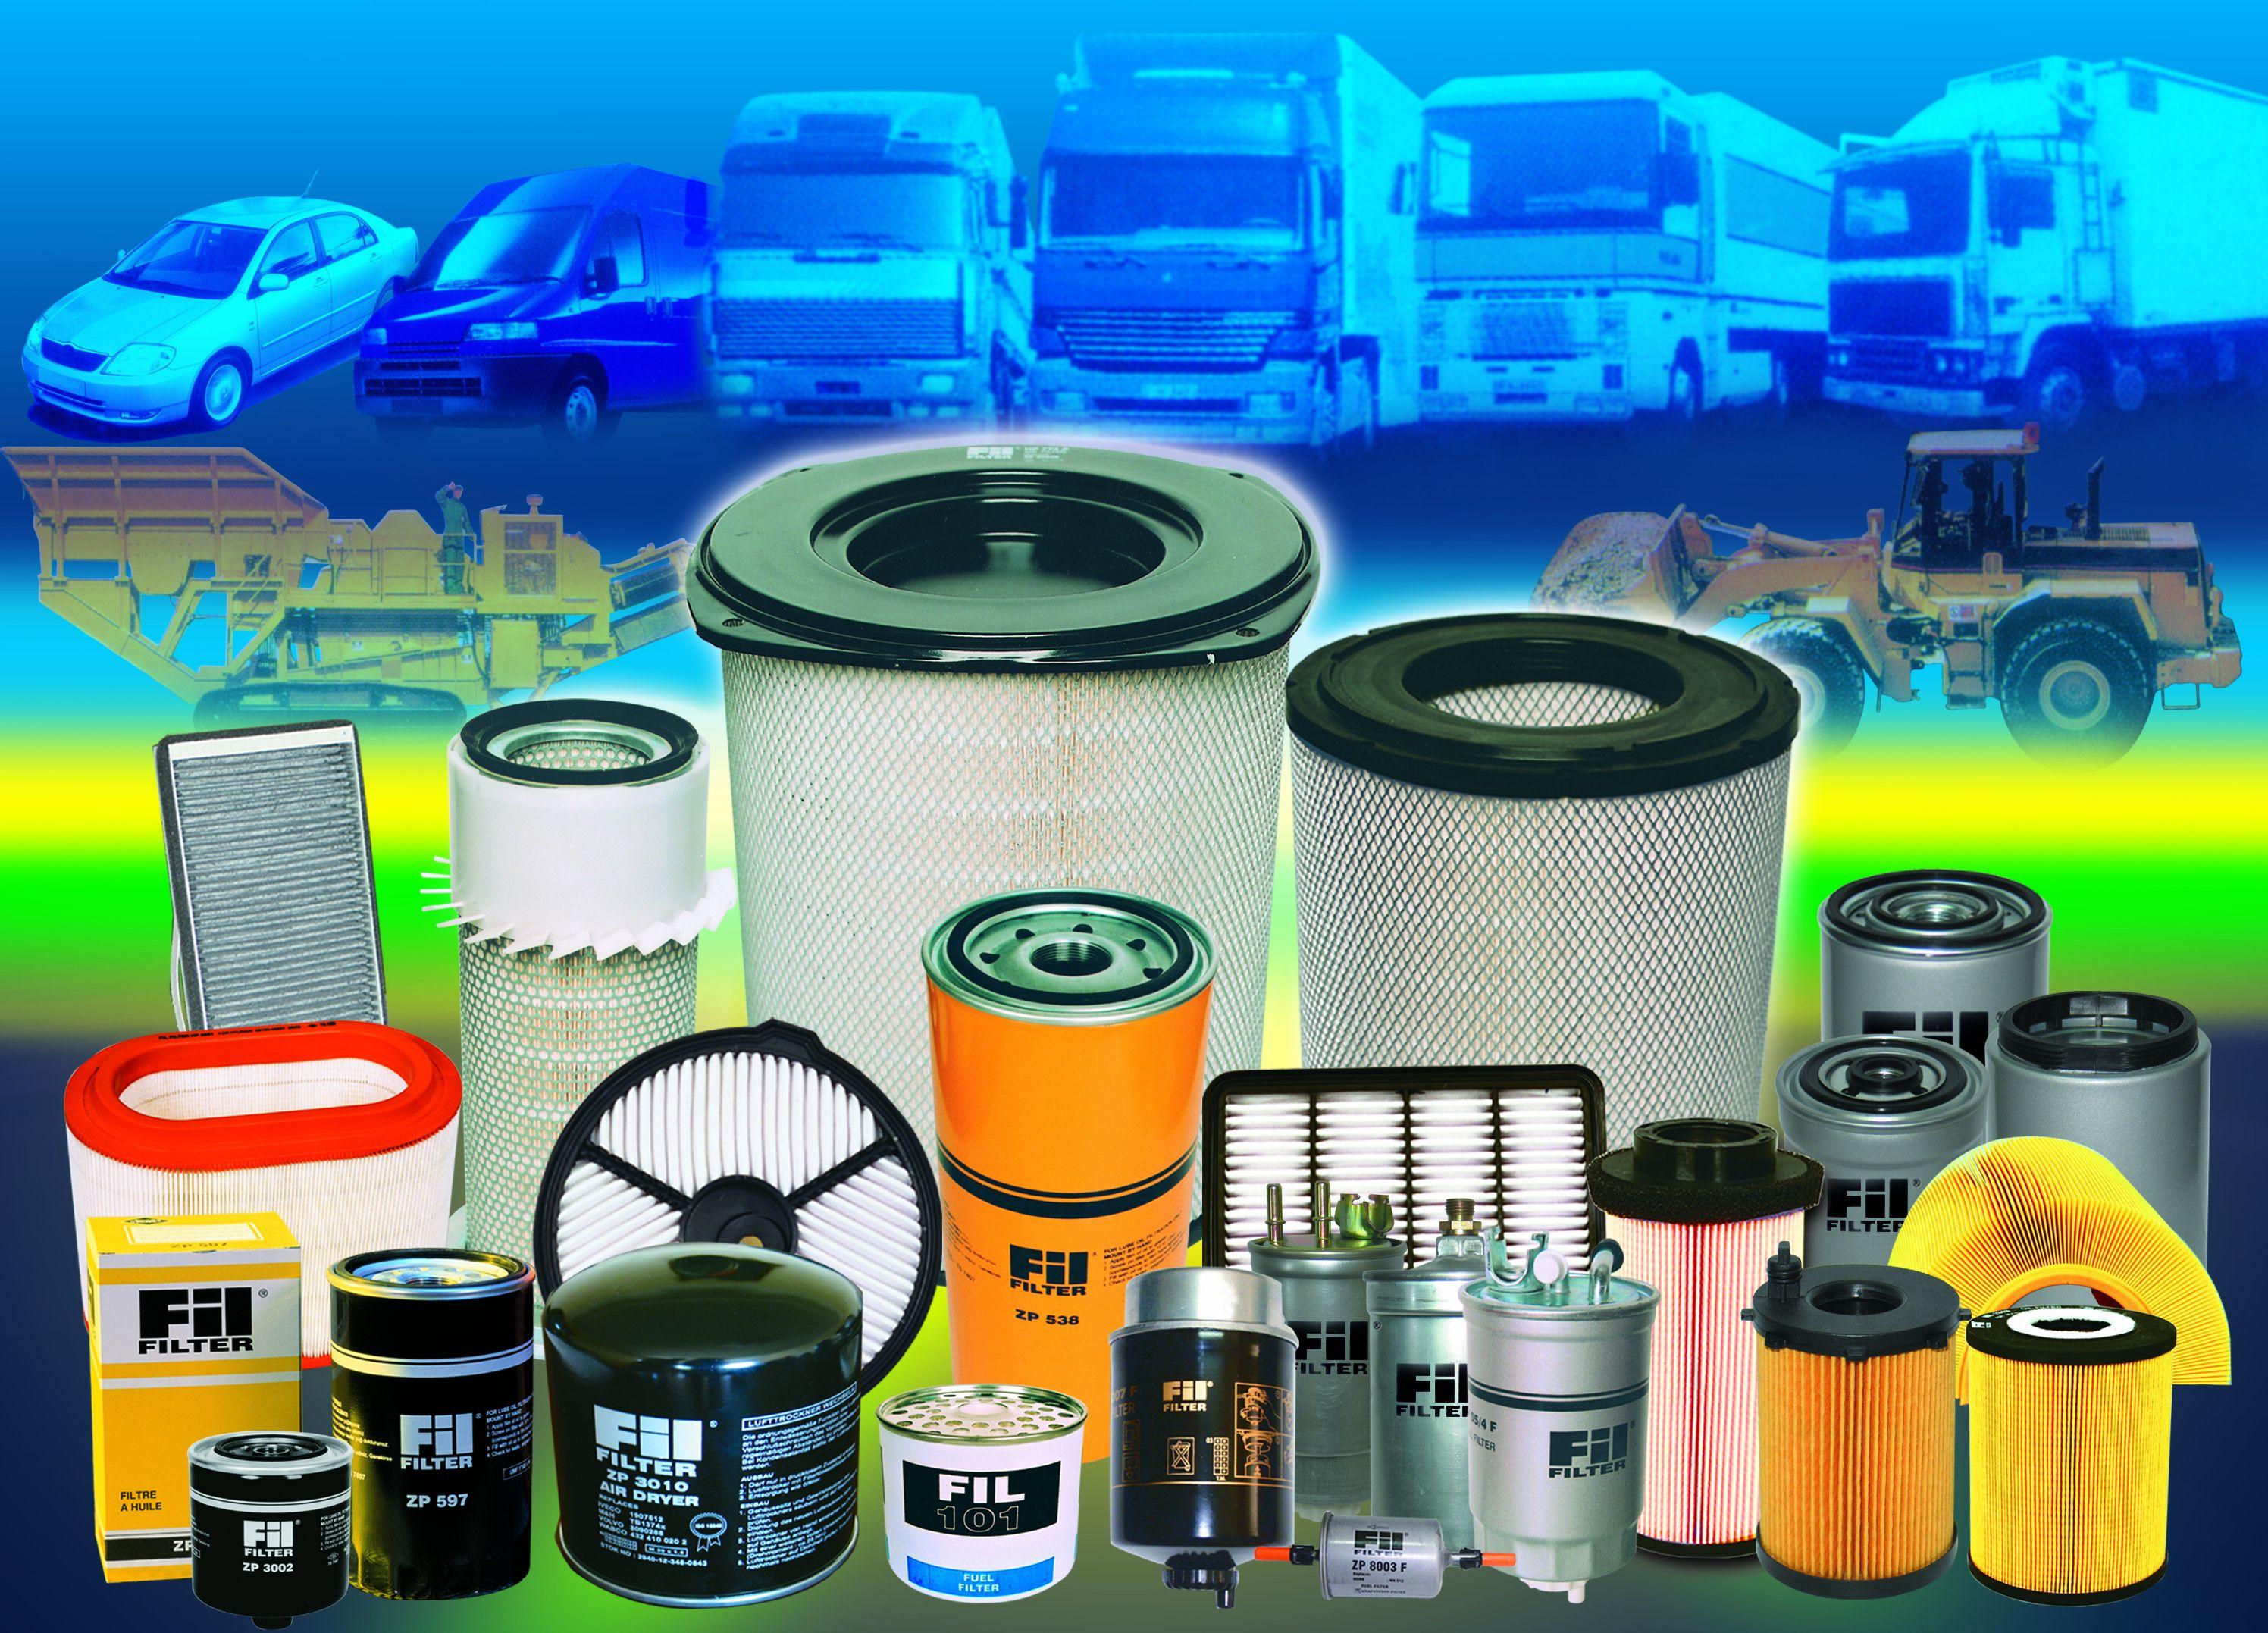 Фильтры для грузовиков и спецтехники: общие рекомендации